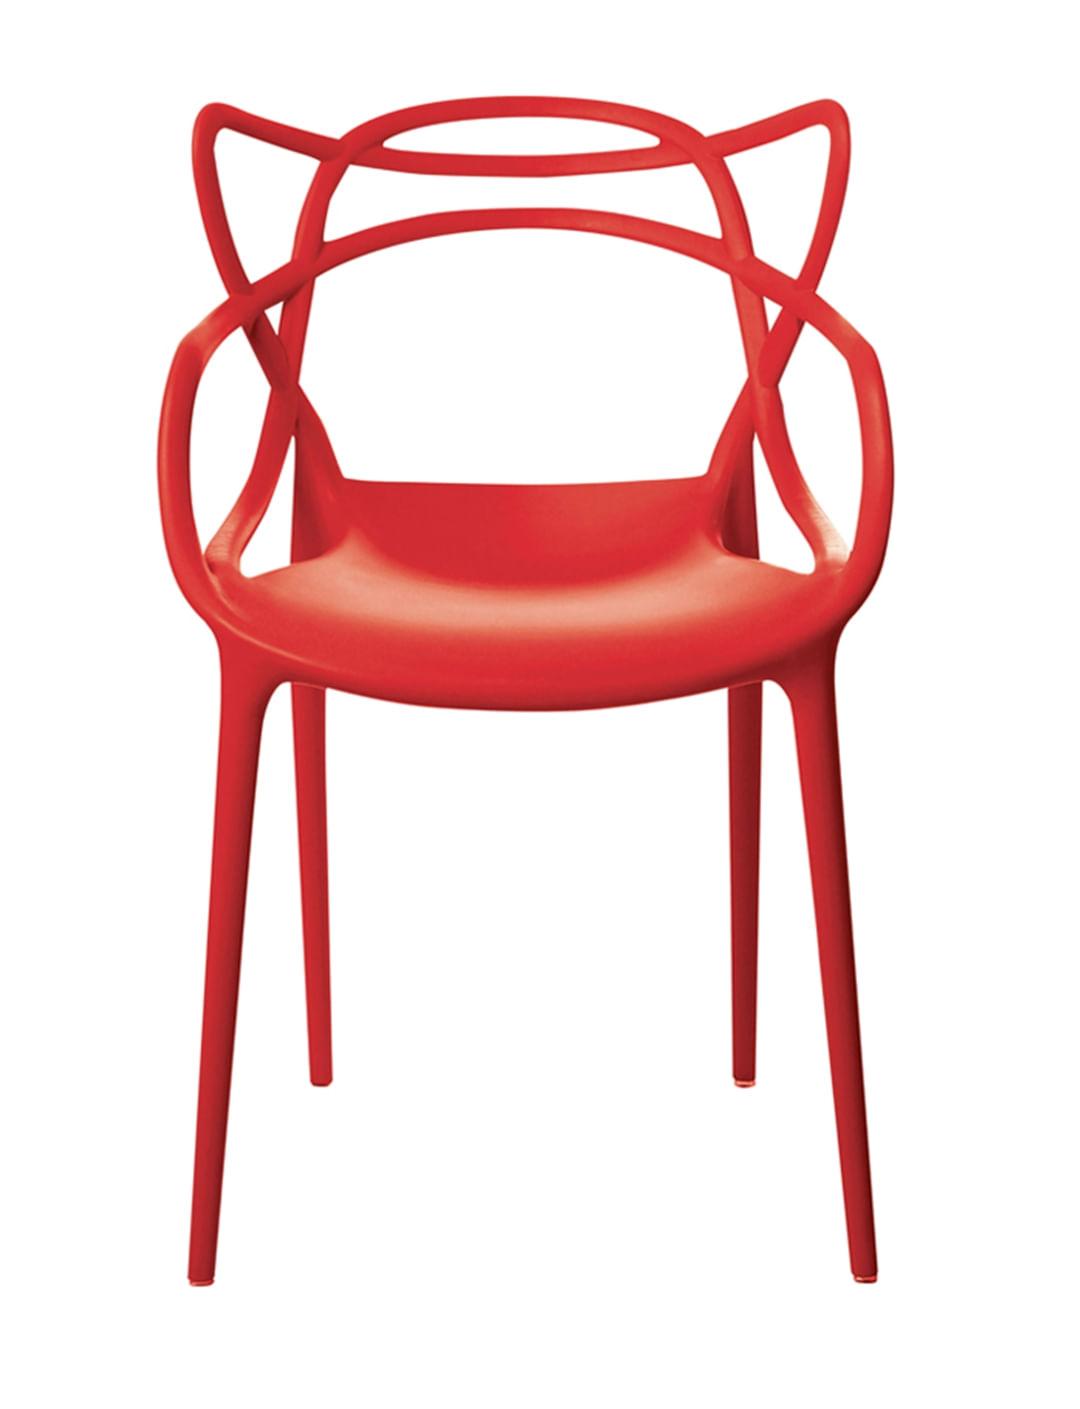 Cadeira Allegra em Polipropileno cor Vermelho - 44938